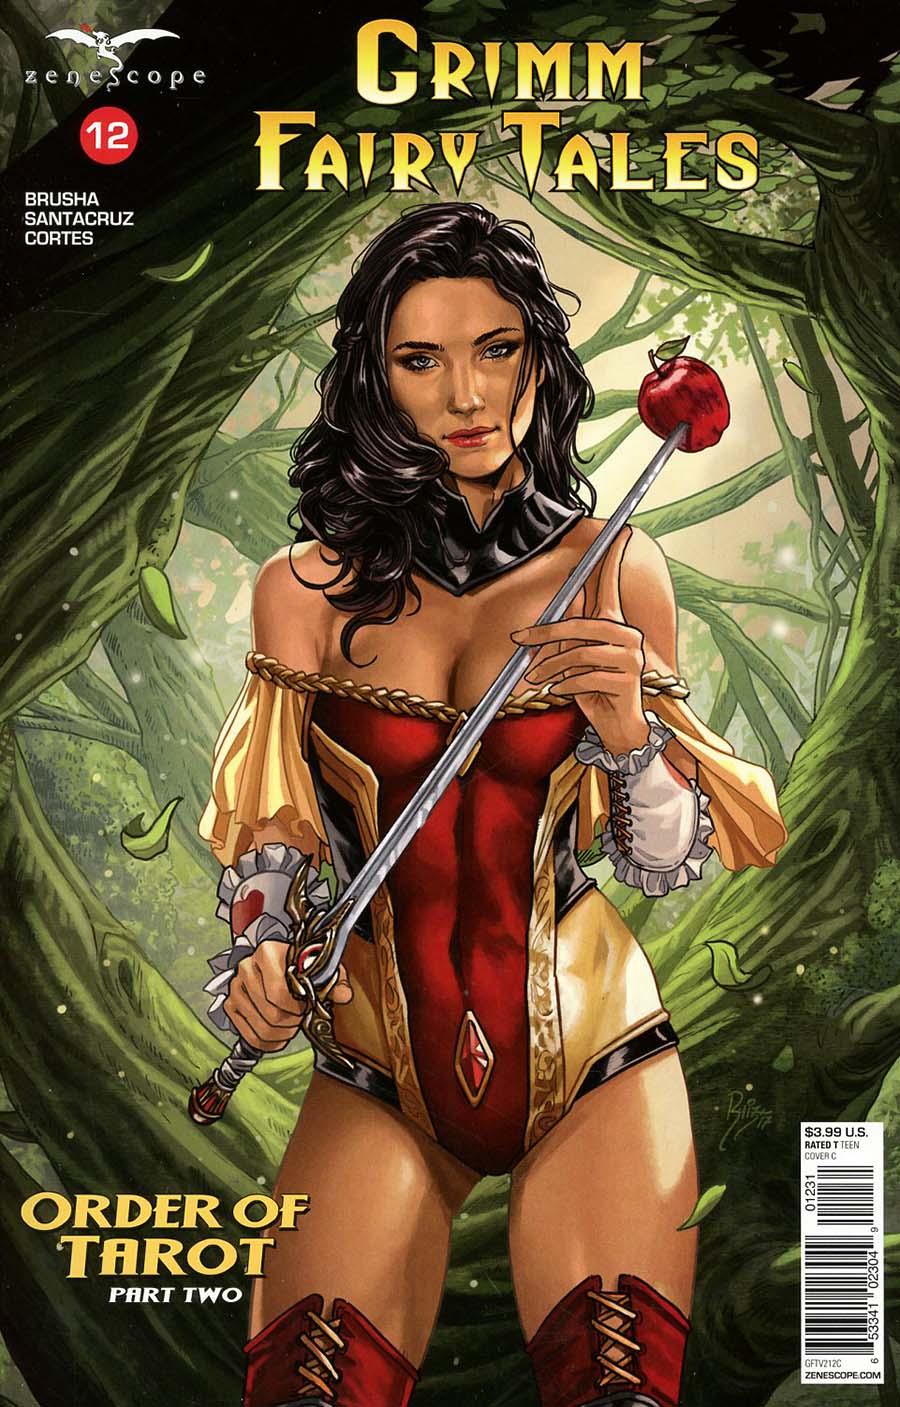 Grimm Fairy Tales Vol 2 #12 Cover C Juan Carlos Ruiz